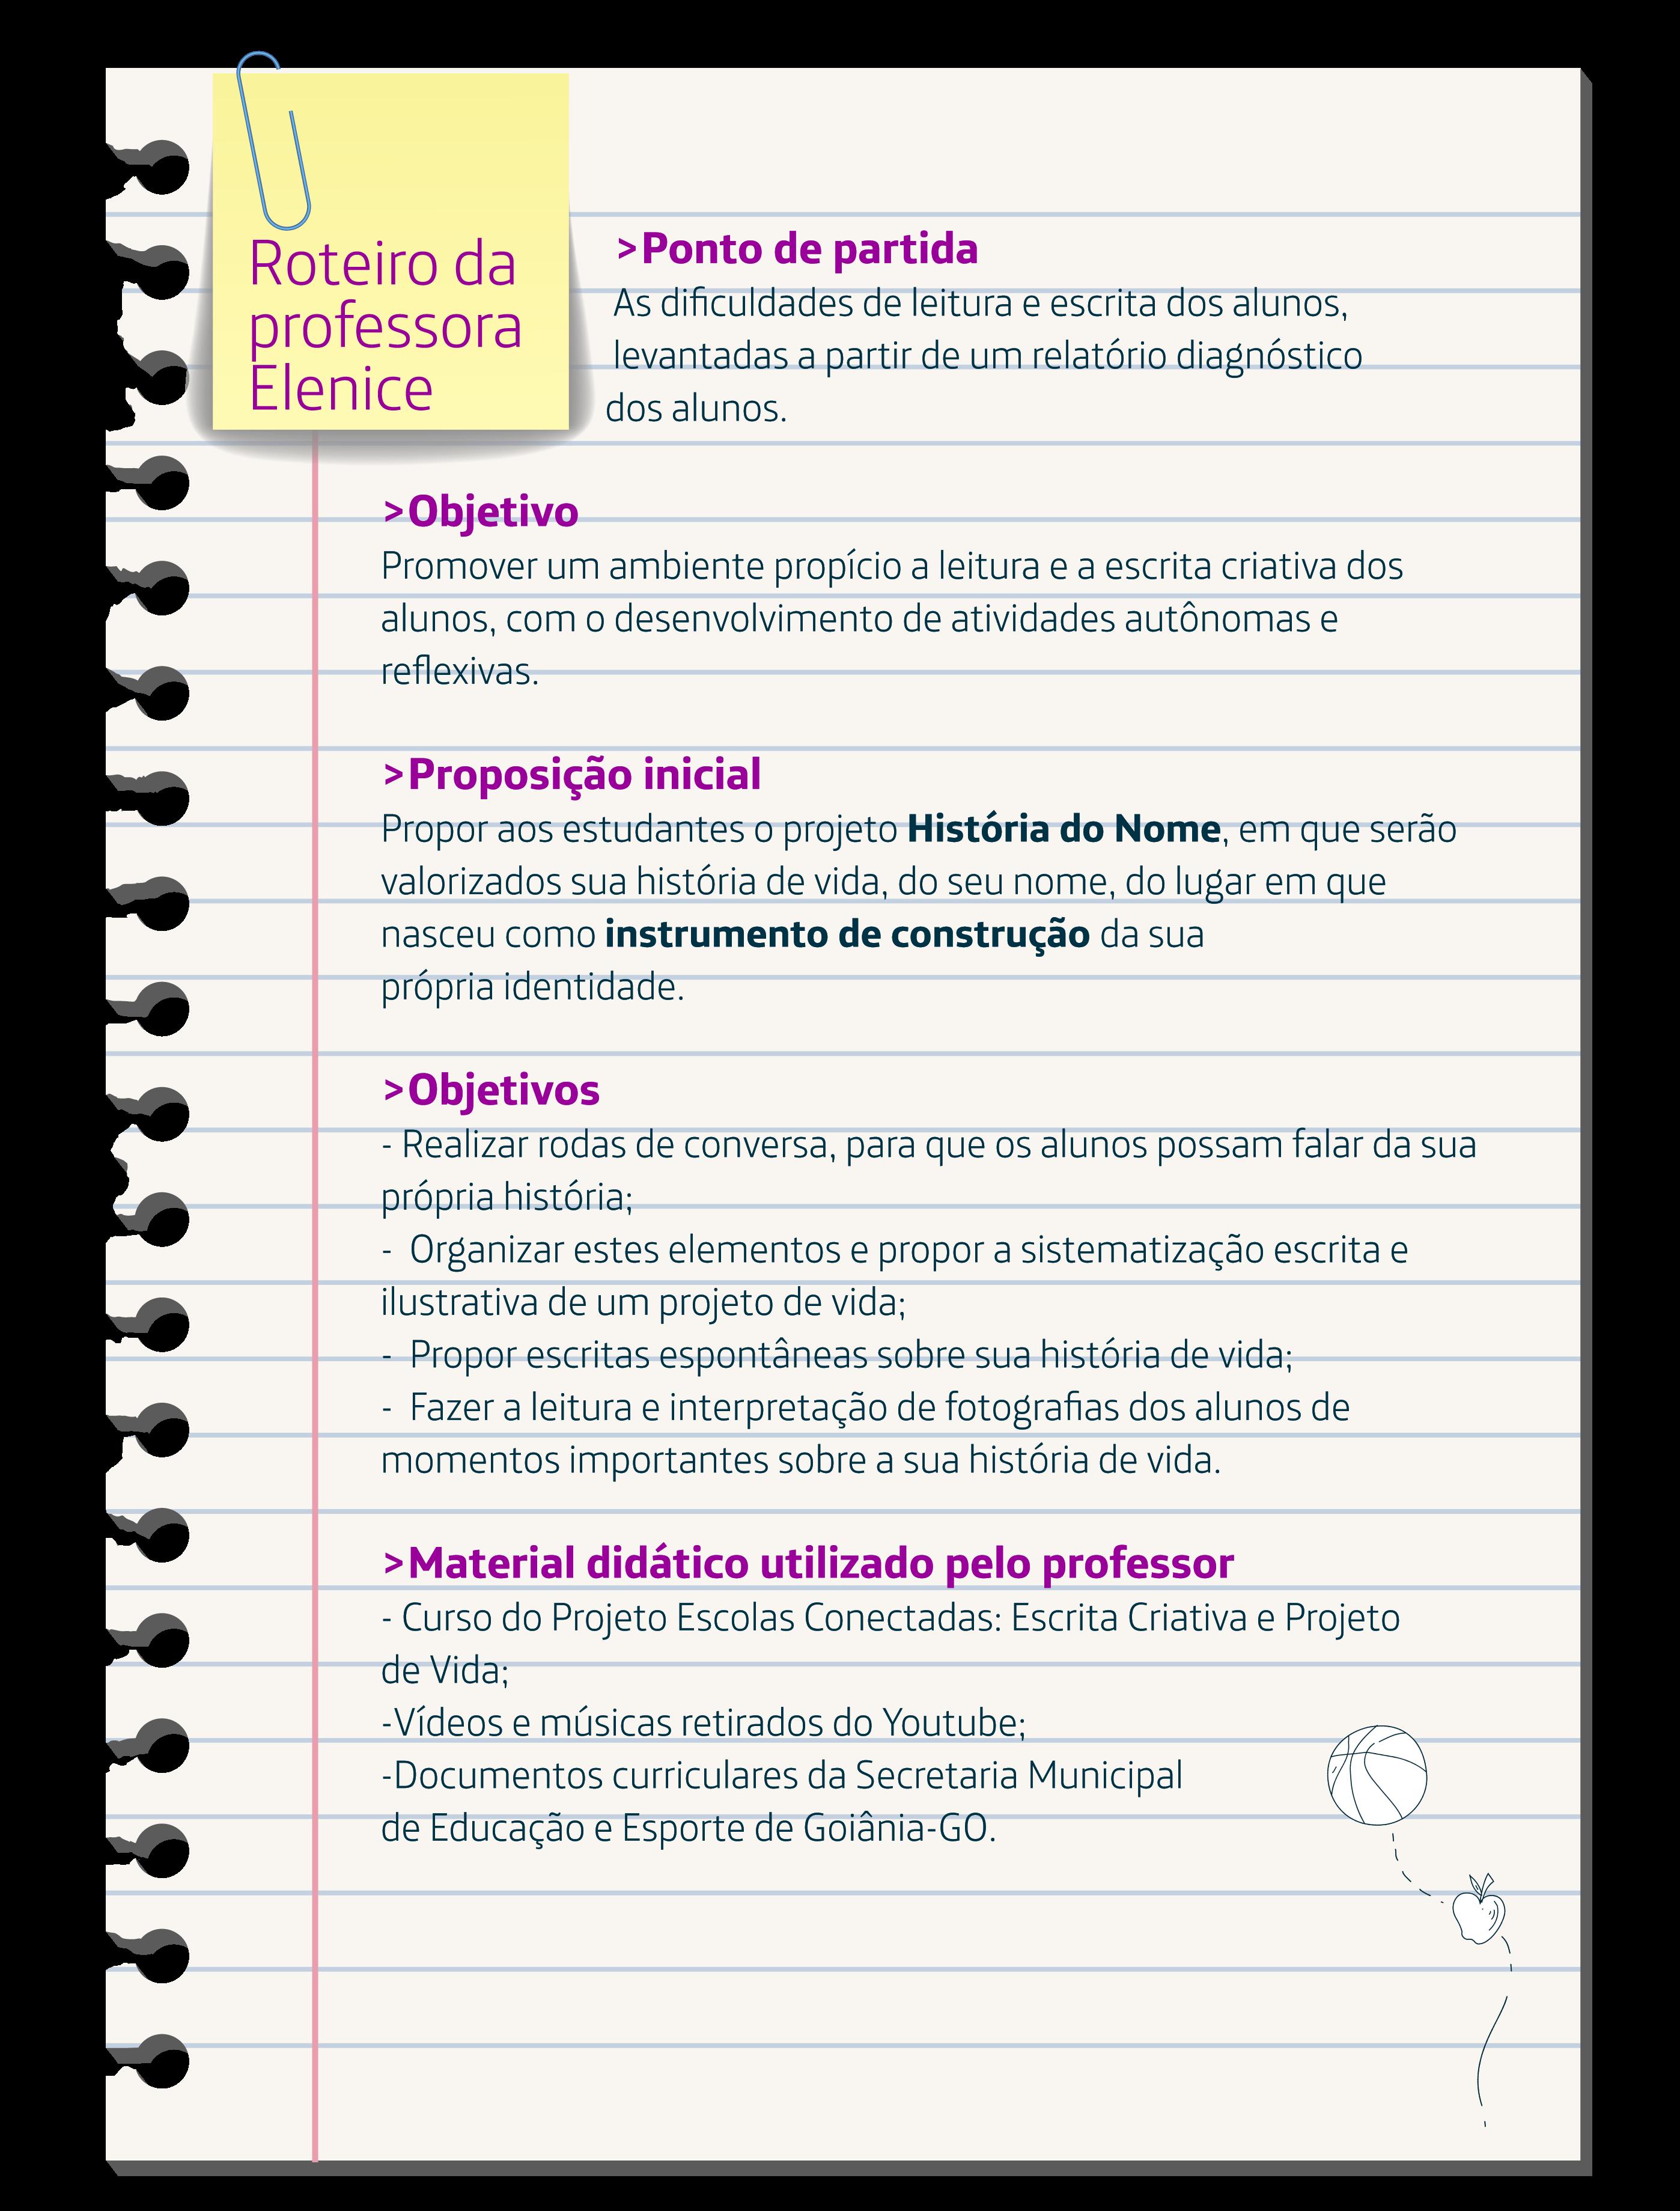 Imagem mostra roteiro de aula detalhado da professora Elenice.